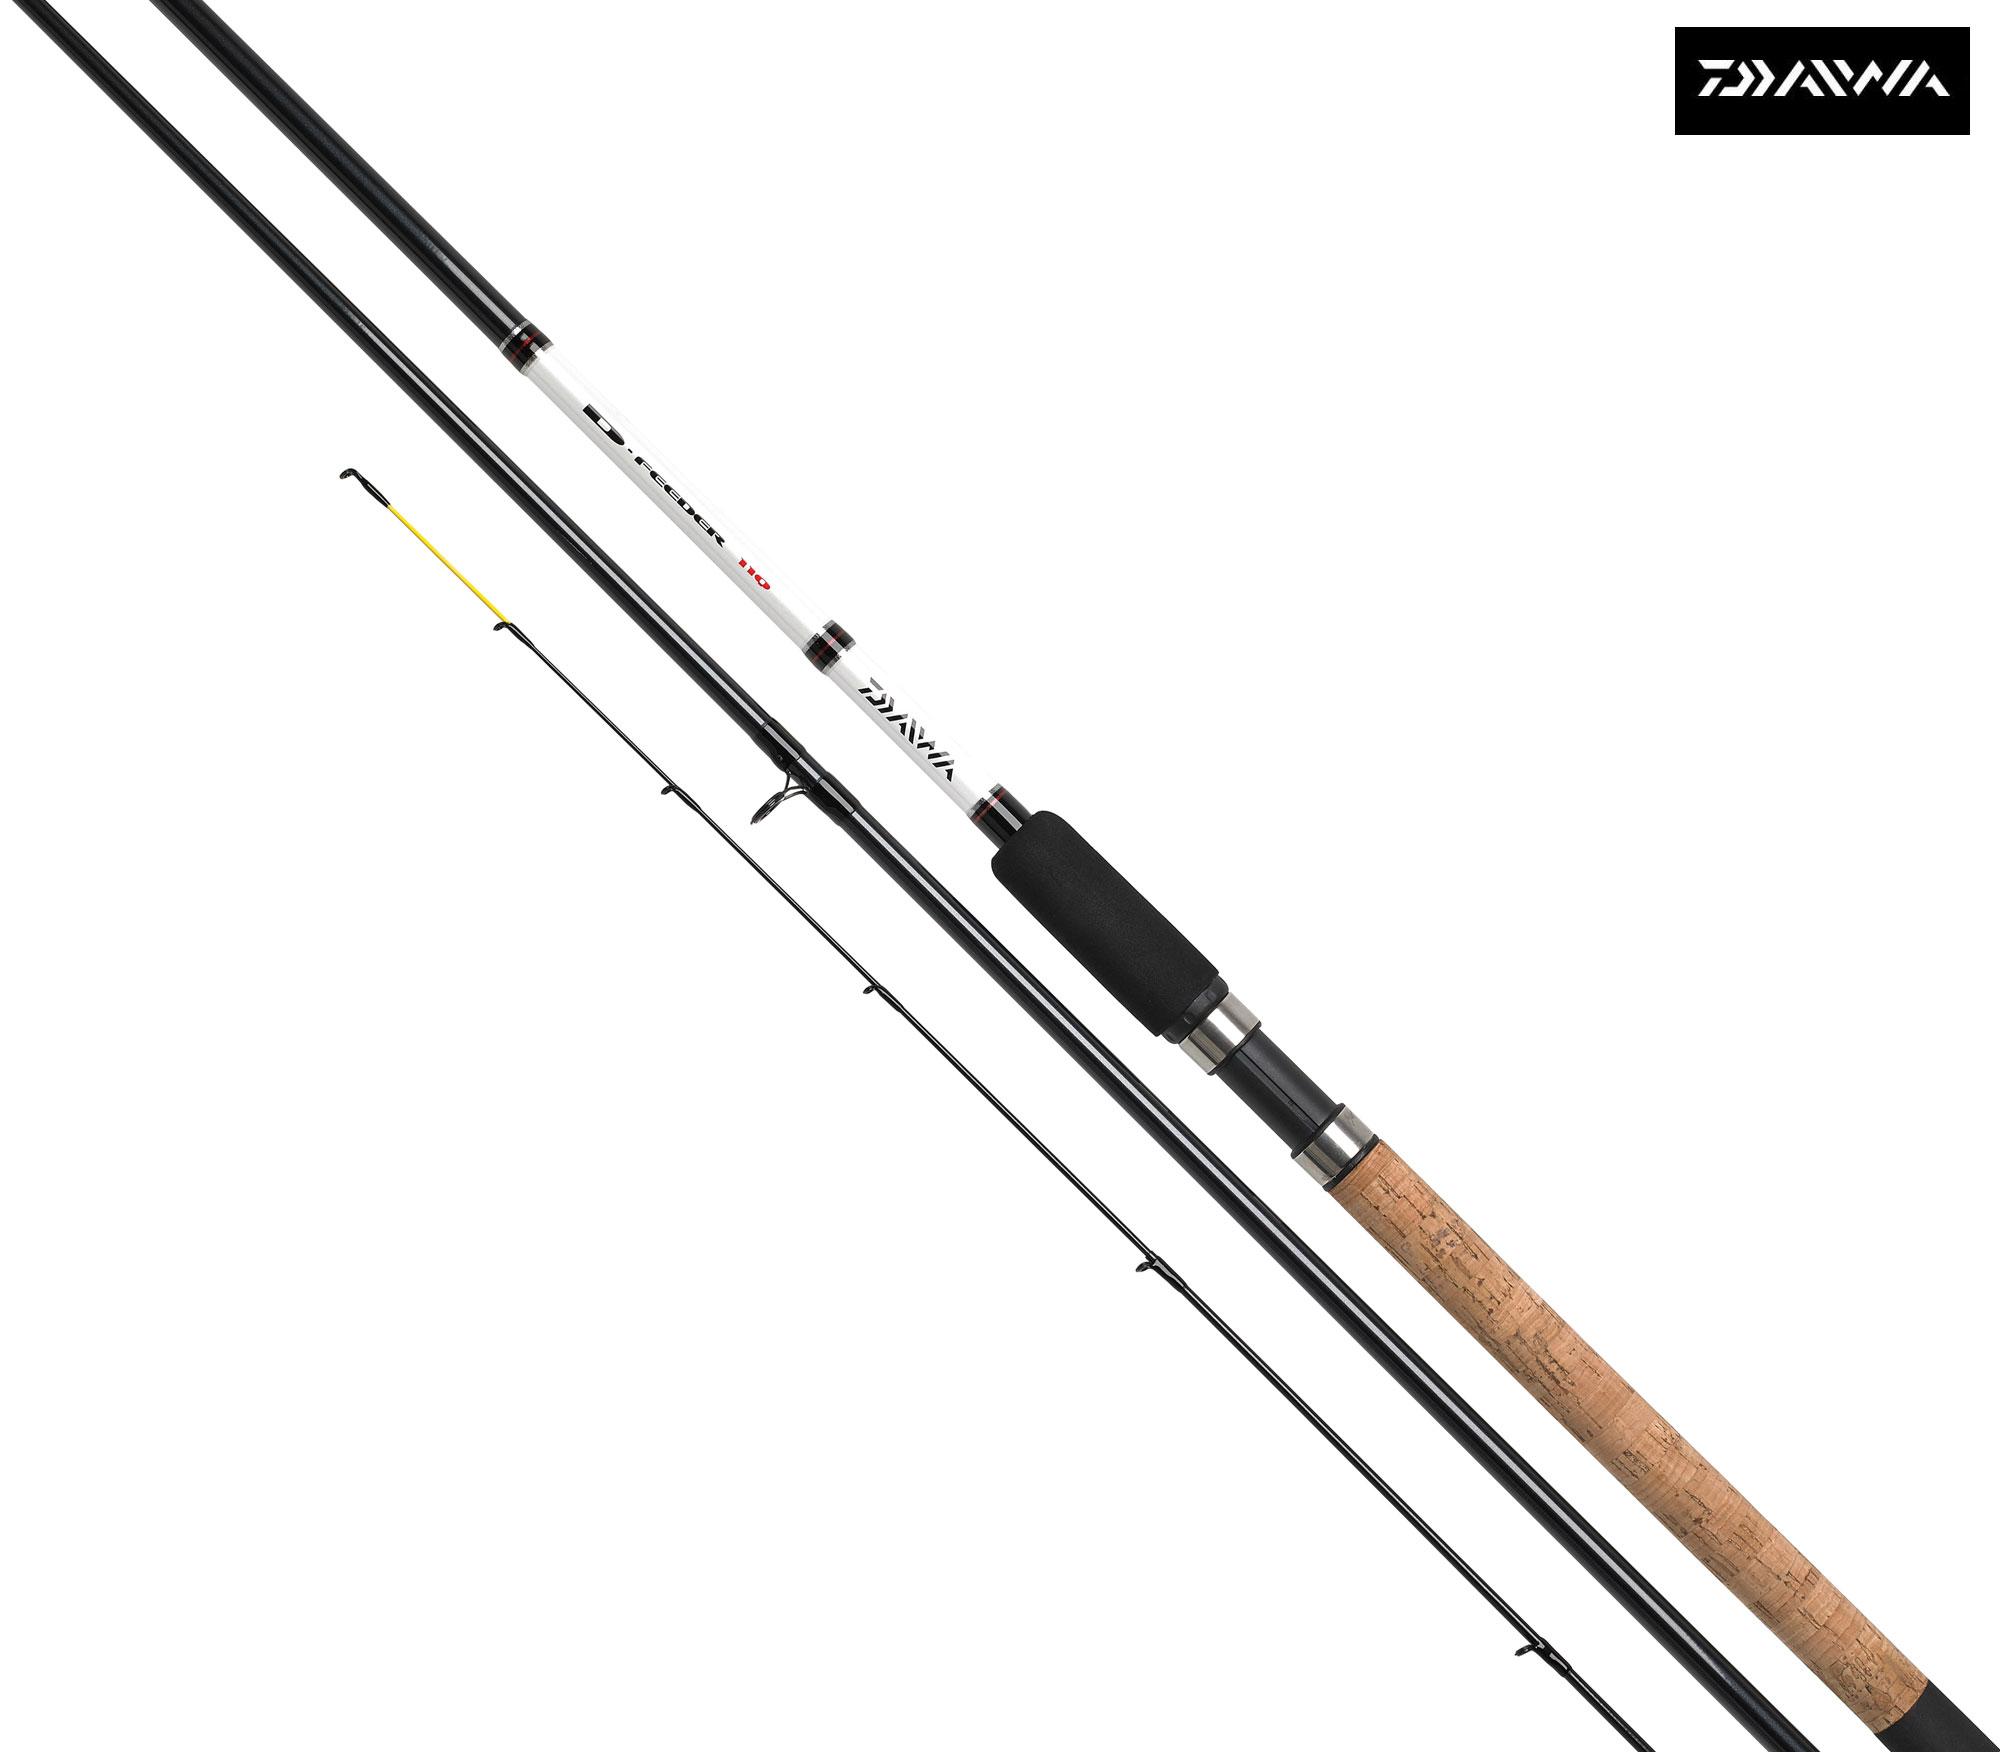 New daiwa d feeder fishing rod model no df11q au ebay for Daiwa fishing pole